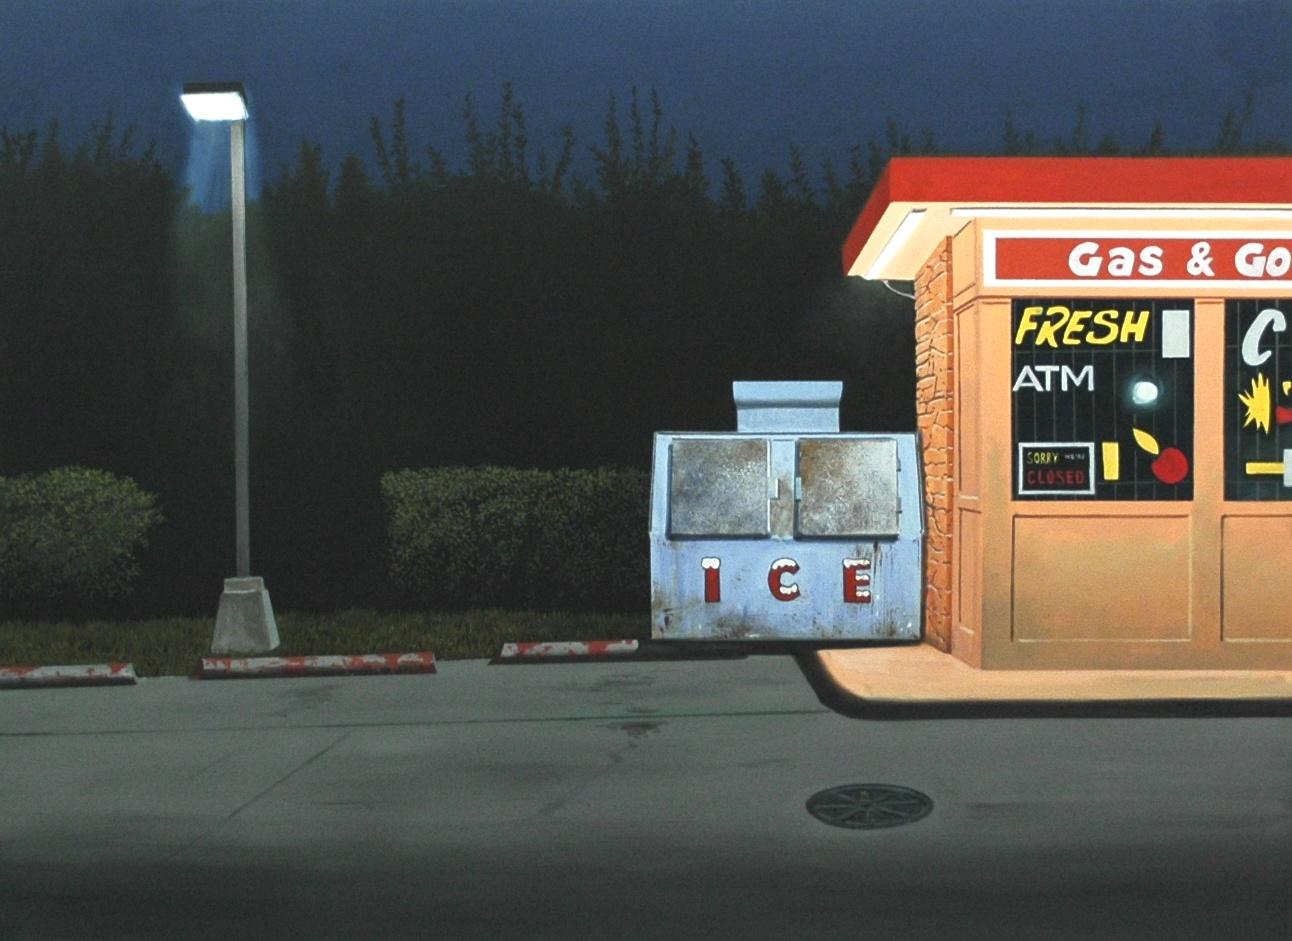 """Daniel Blagg, Gas & Go, 2013, oil on canvas, 38 x 52"""". Private Collection, Dallas, TX."""